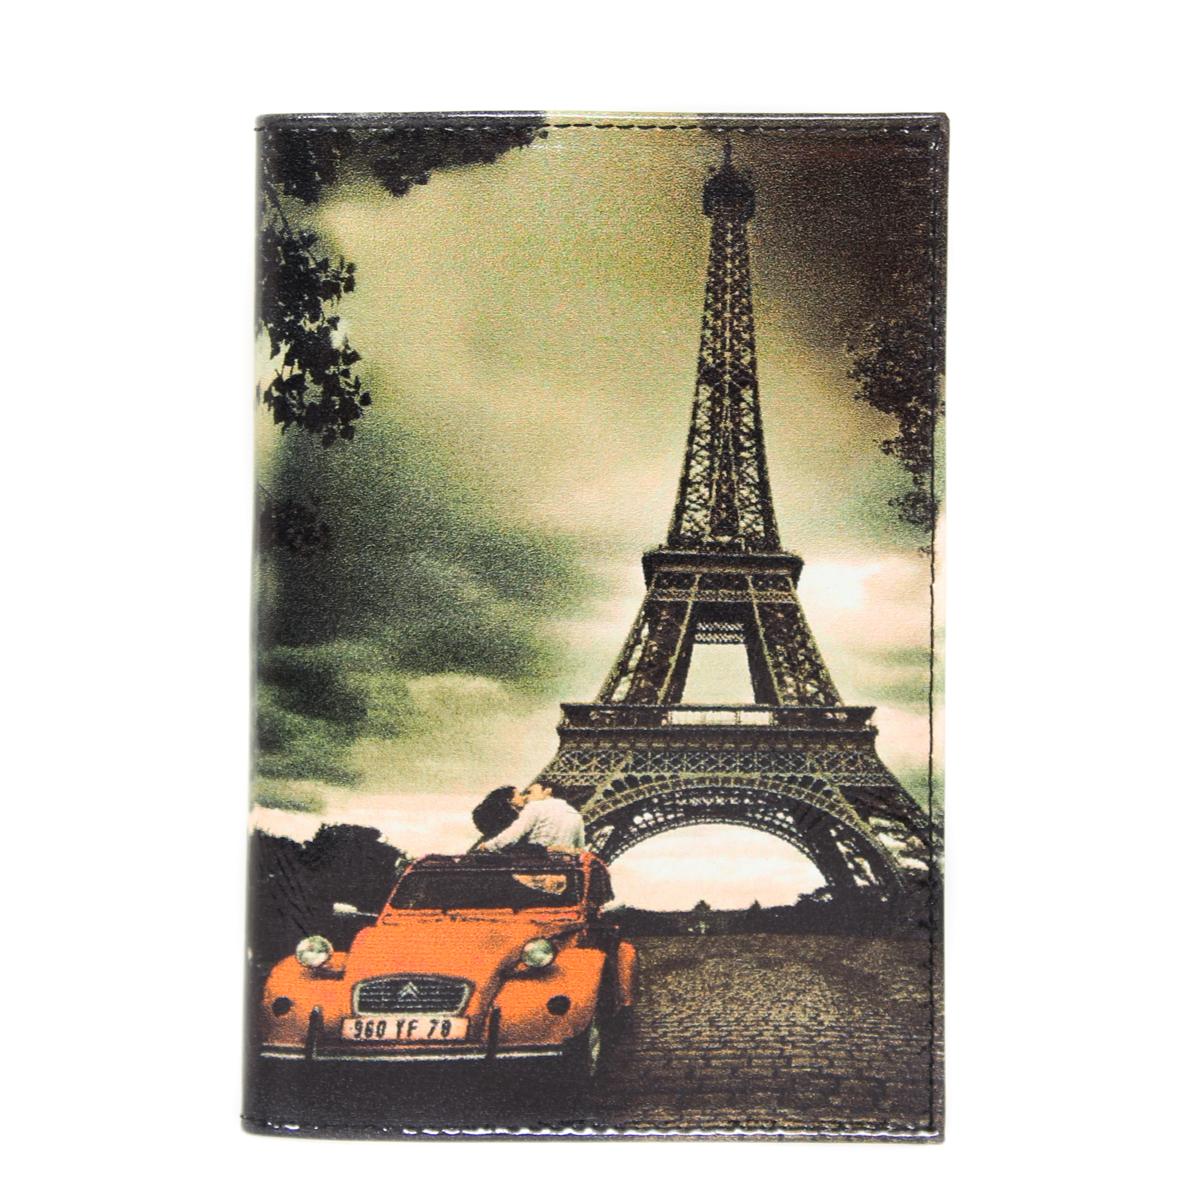 Обложка на паспорт жен. Flioraj, цвет: мультицвет. 0005095000050950Удобная и практичная обложка для документов. Уникальный аксессуар, декорированный качественным фотопринтом.